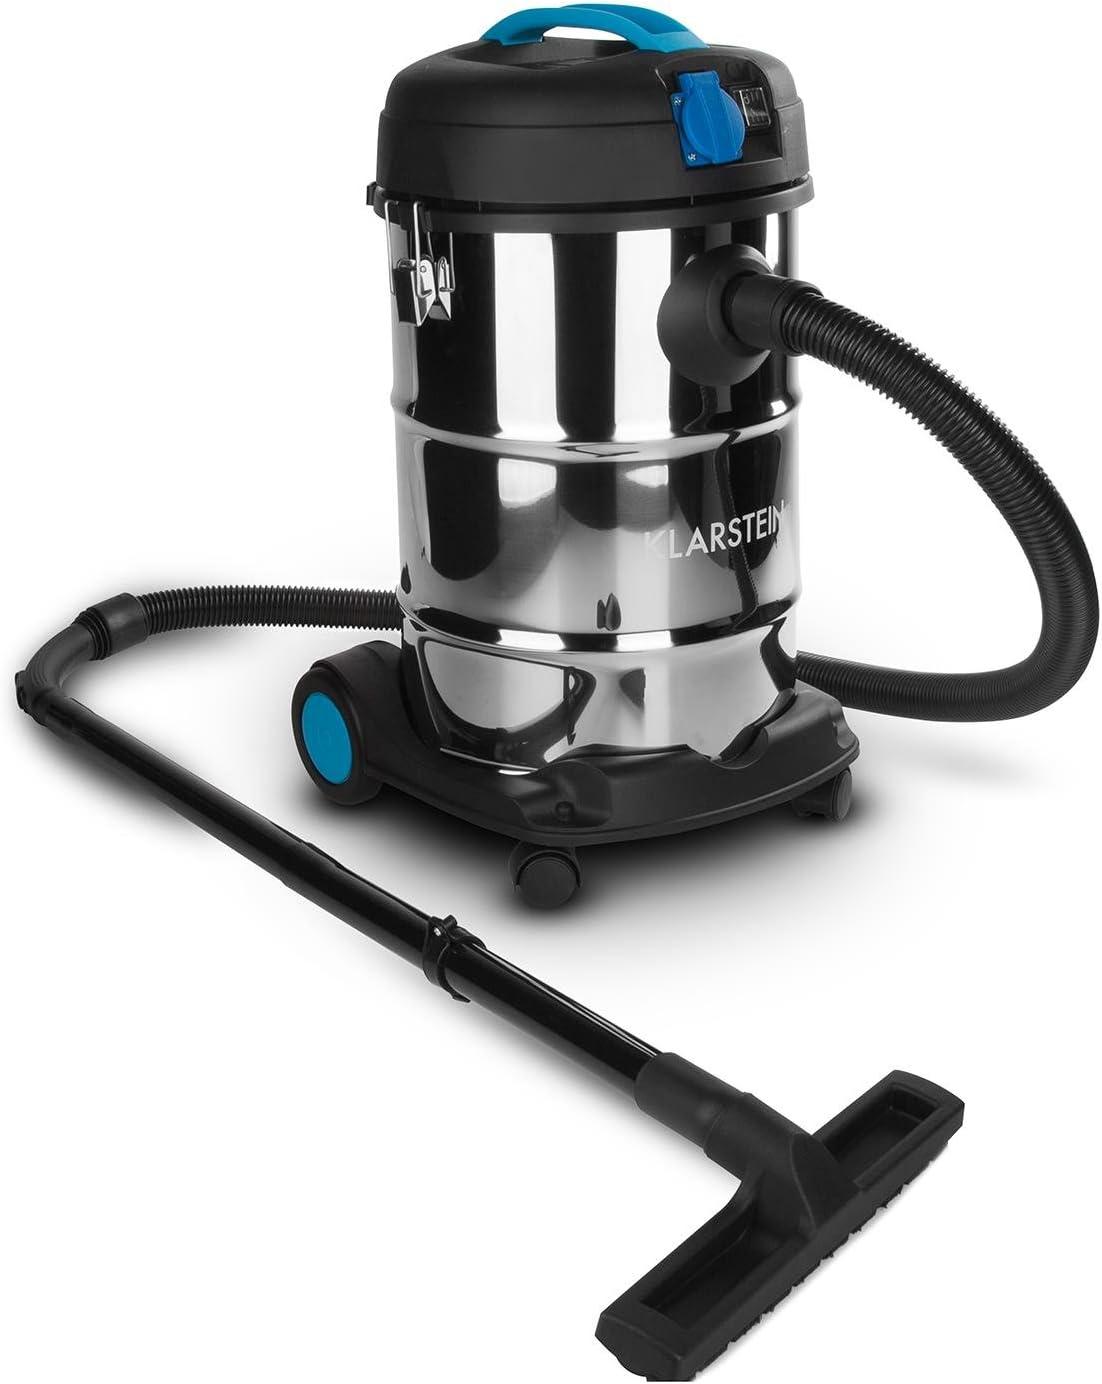 Klarstein Reinraum Prima - Aspiradora Industrial, 30 litros, 1200 W, aspiración en seco y húmedo, función de soplado, Toma de Corriente integrada, Azul: Amazon.es: Hogar